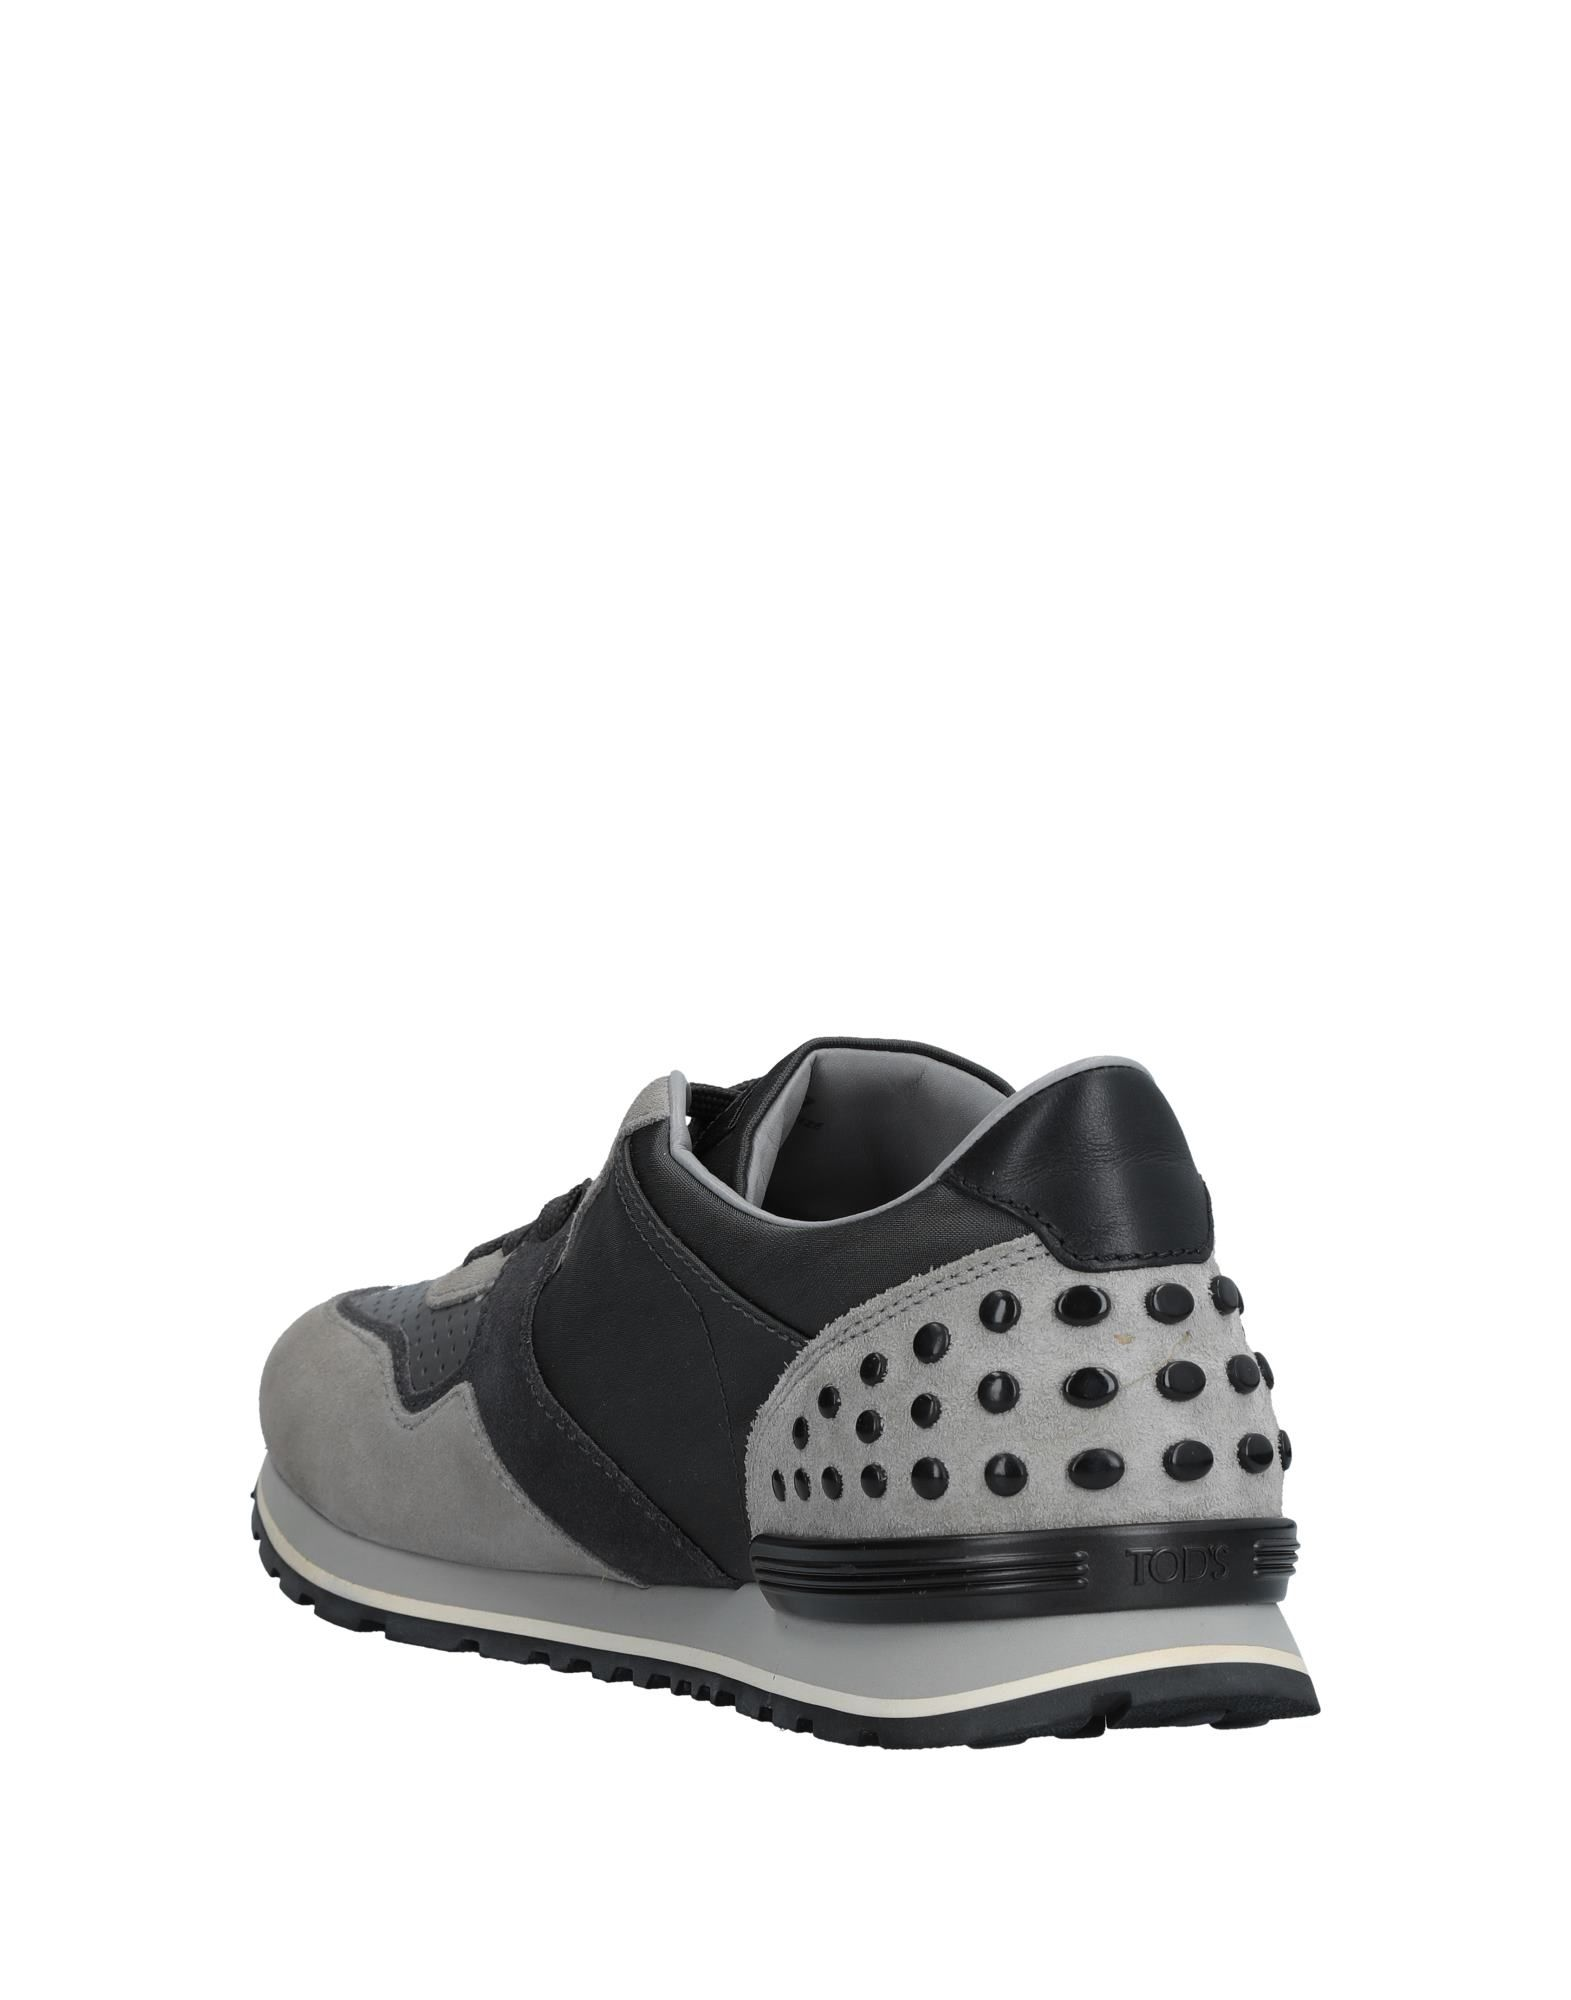 Tod's Sneakers Herren  Schuhe 11541339FR Gute Qualität beliebte Schuhe  01c5d3